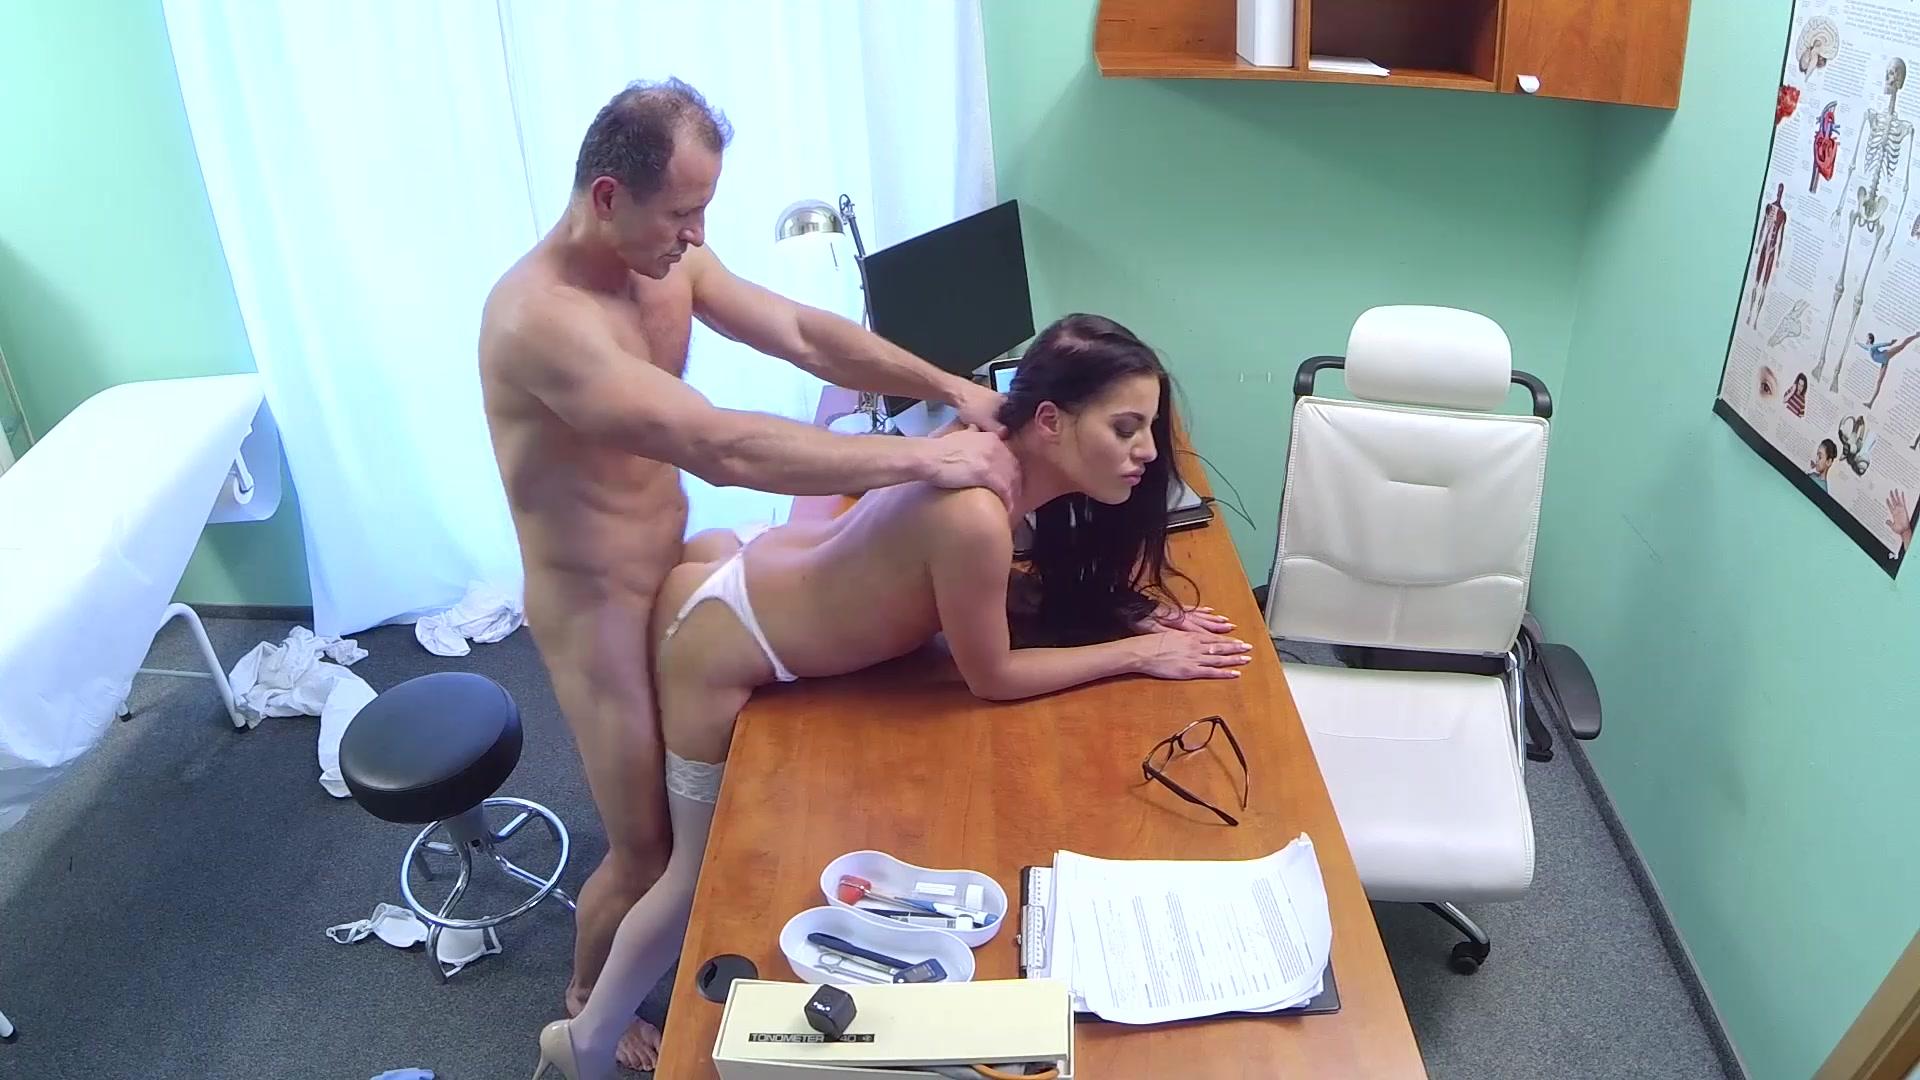 Жену госпиталь порно онлайн фото киевских девок